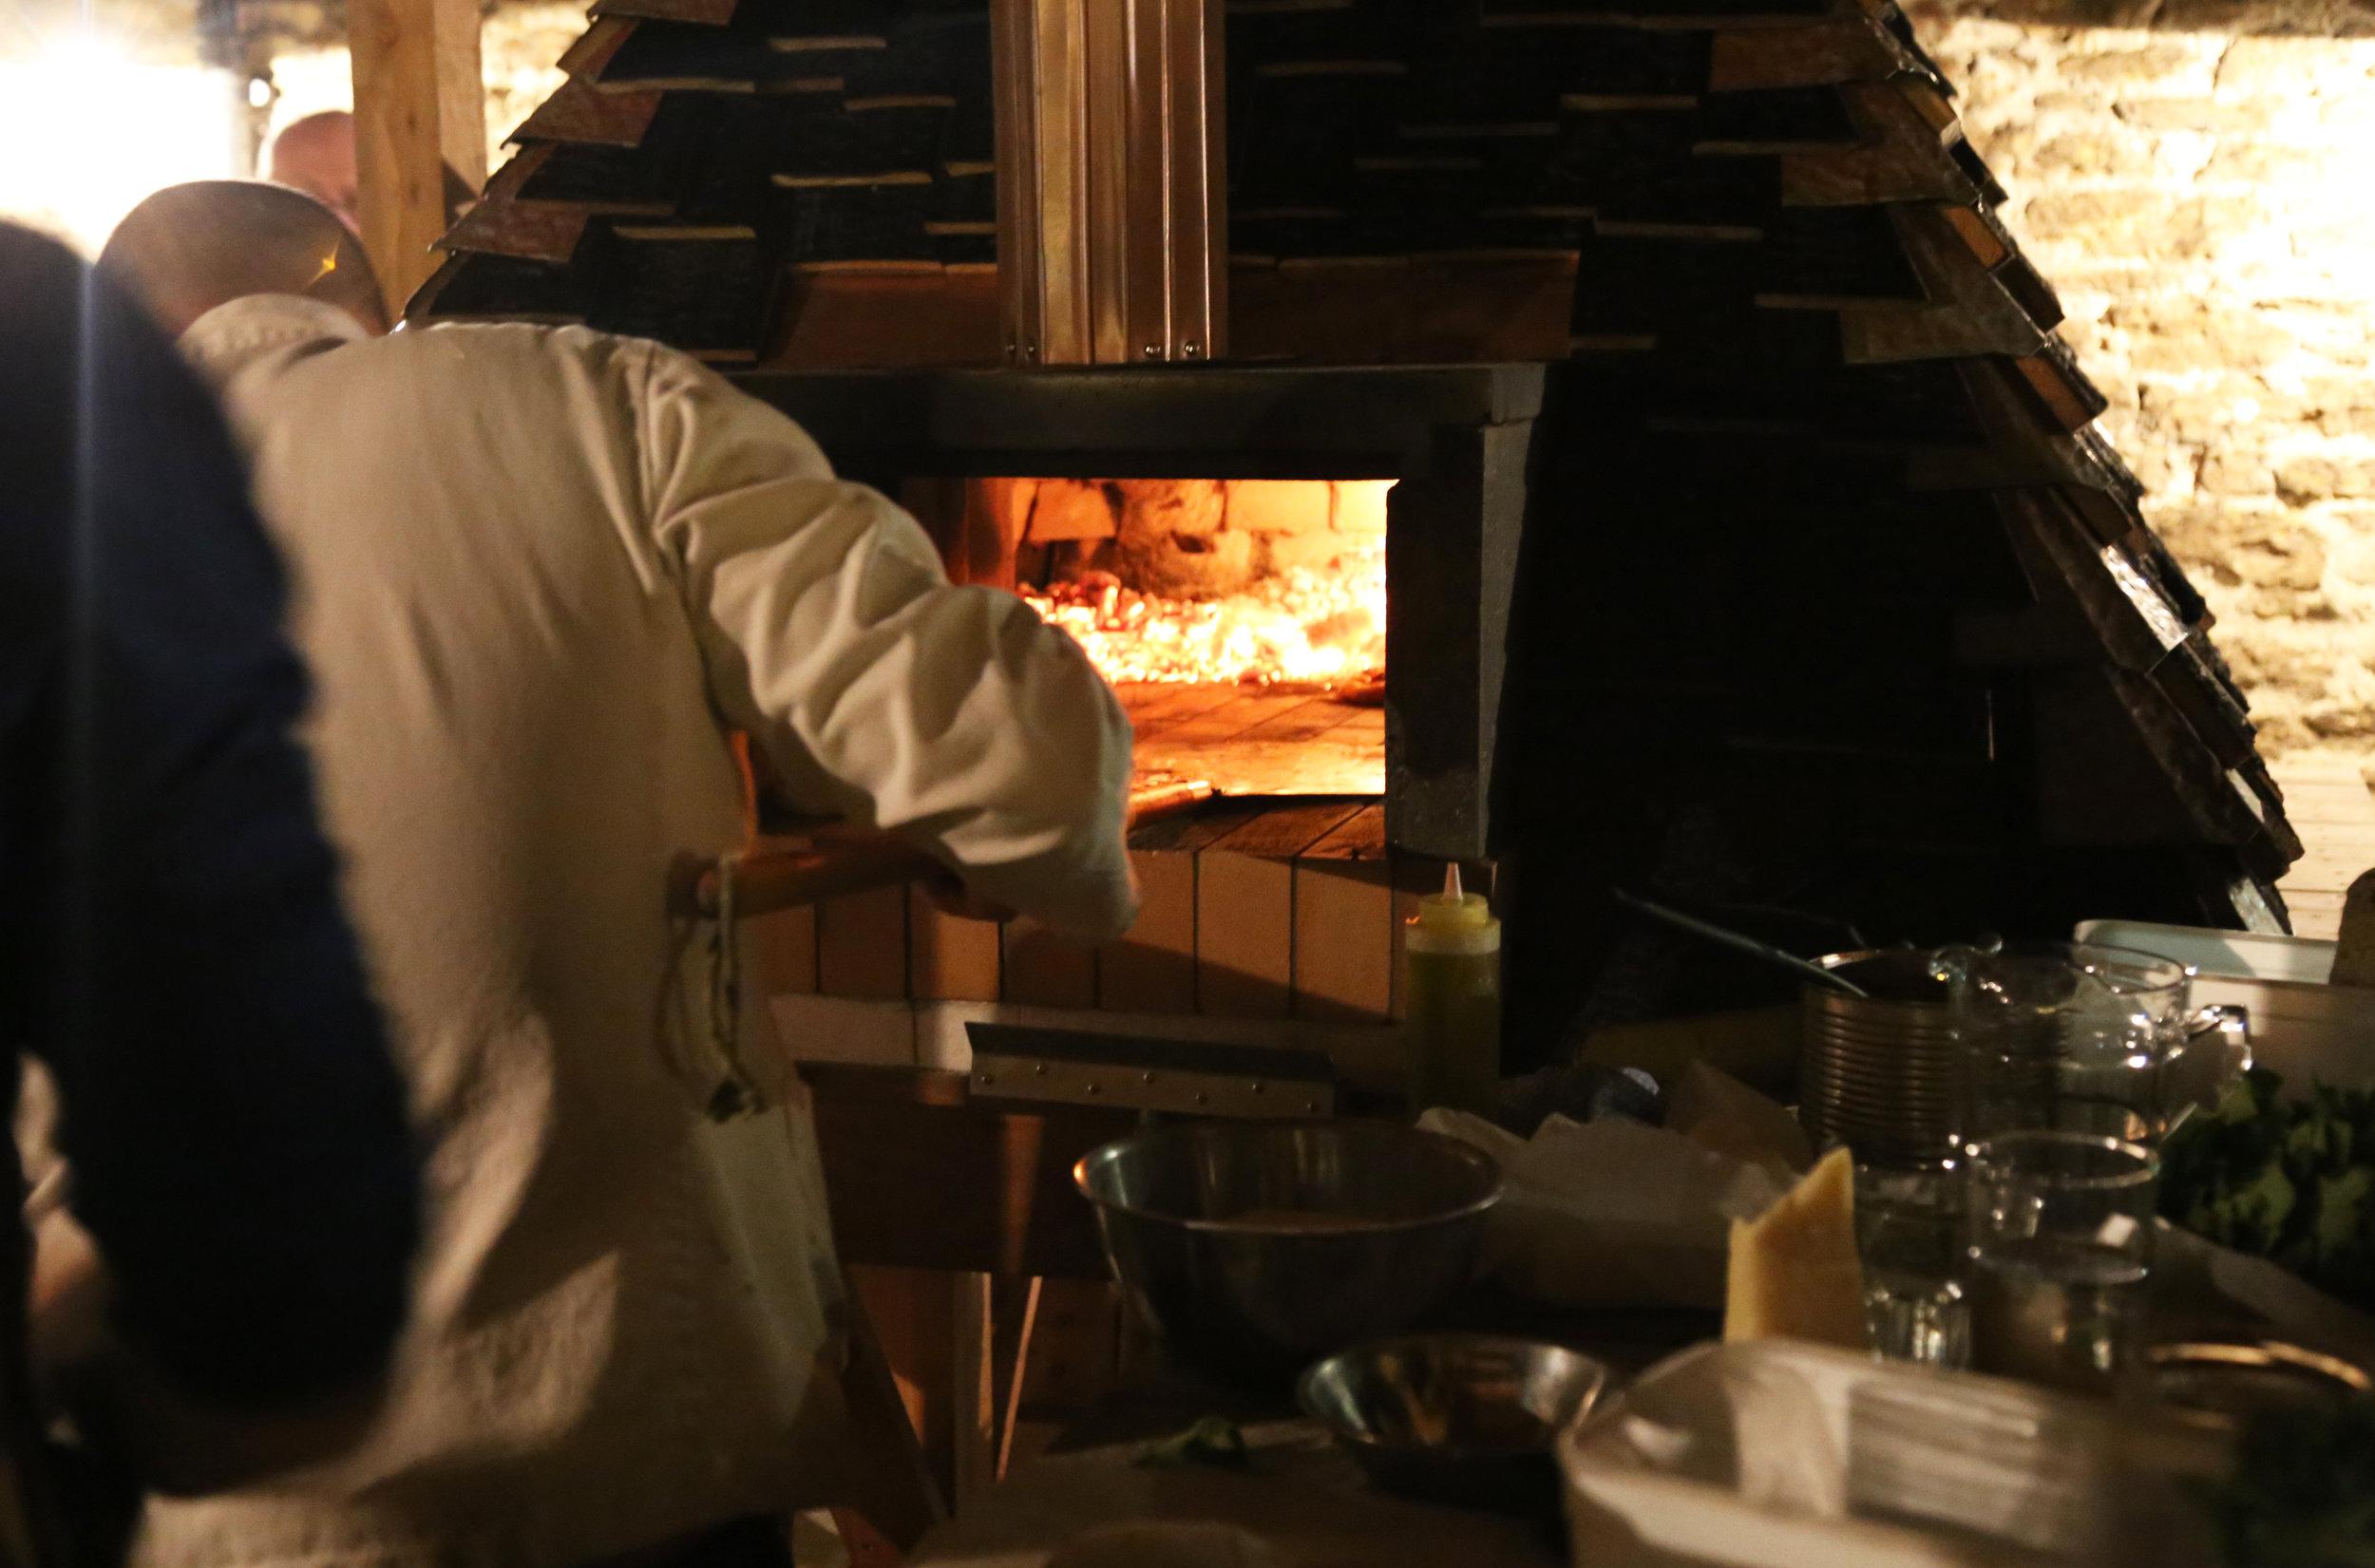 bread oven in action4.jpg